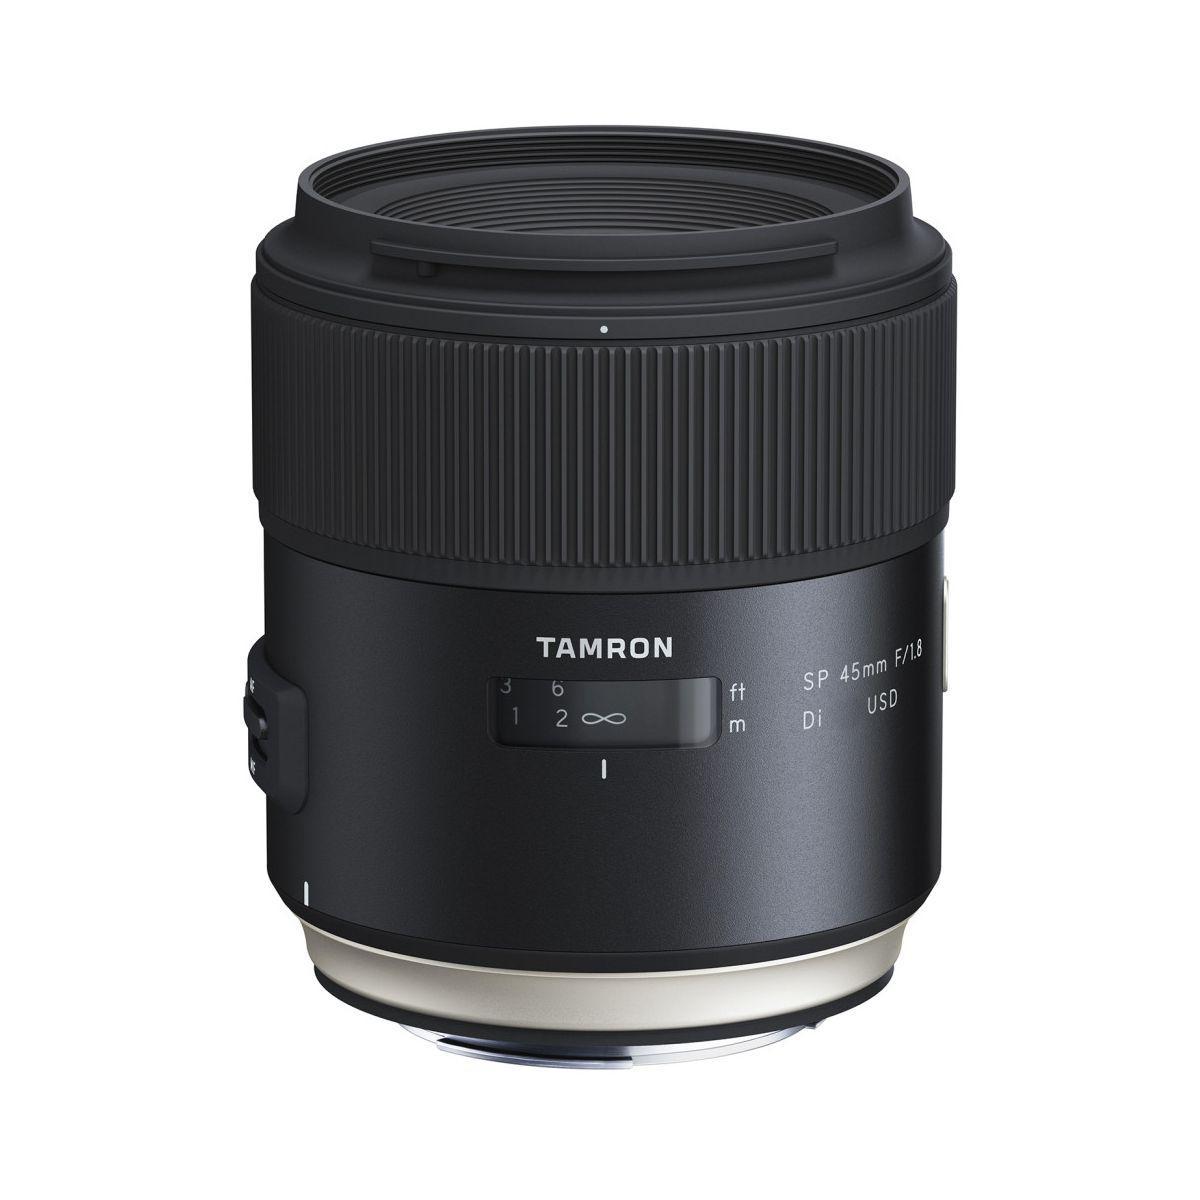 Objectif TAMRON SP 45 mm f/1,8 Di VC USD pour Nikon